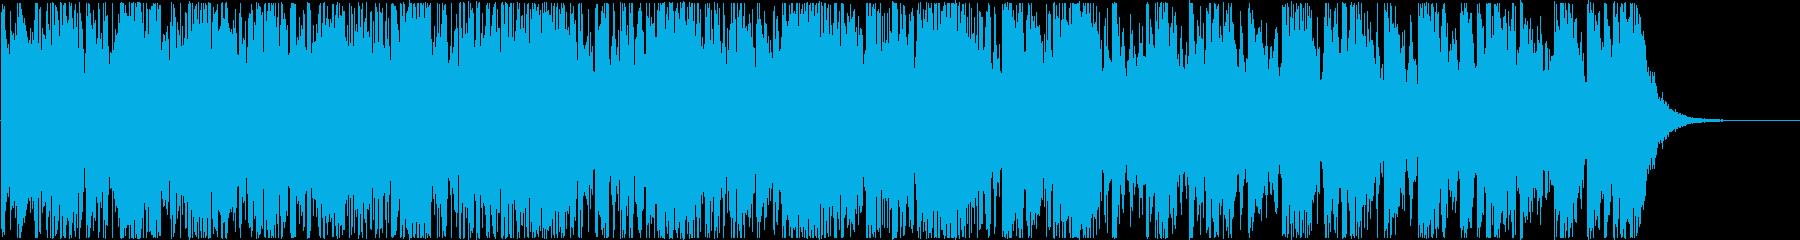 太鼓メインで作成しました。の再生済みの波形